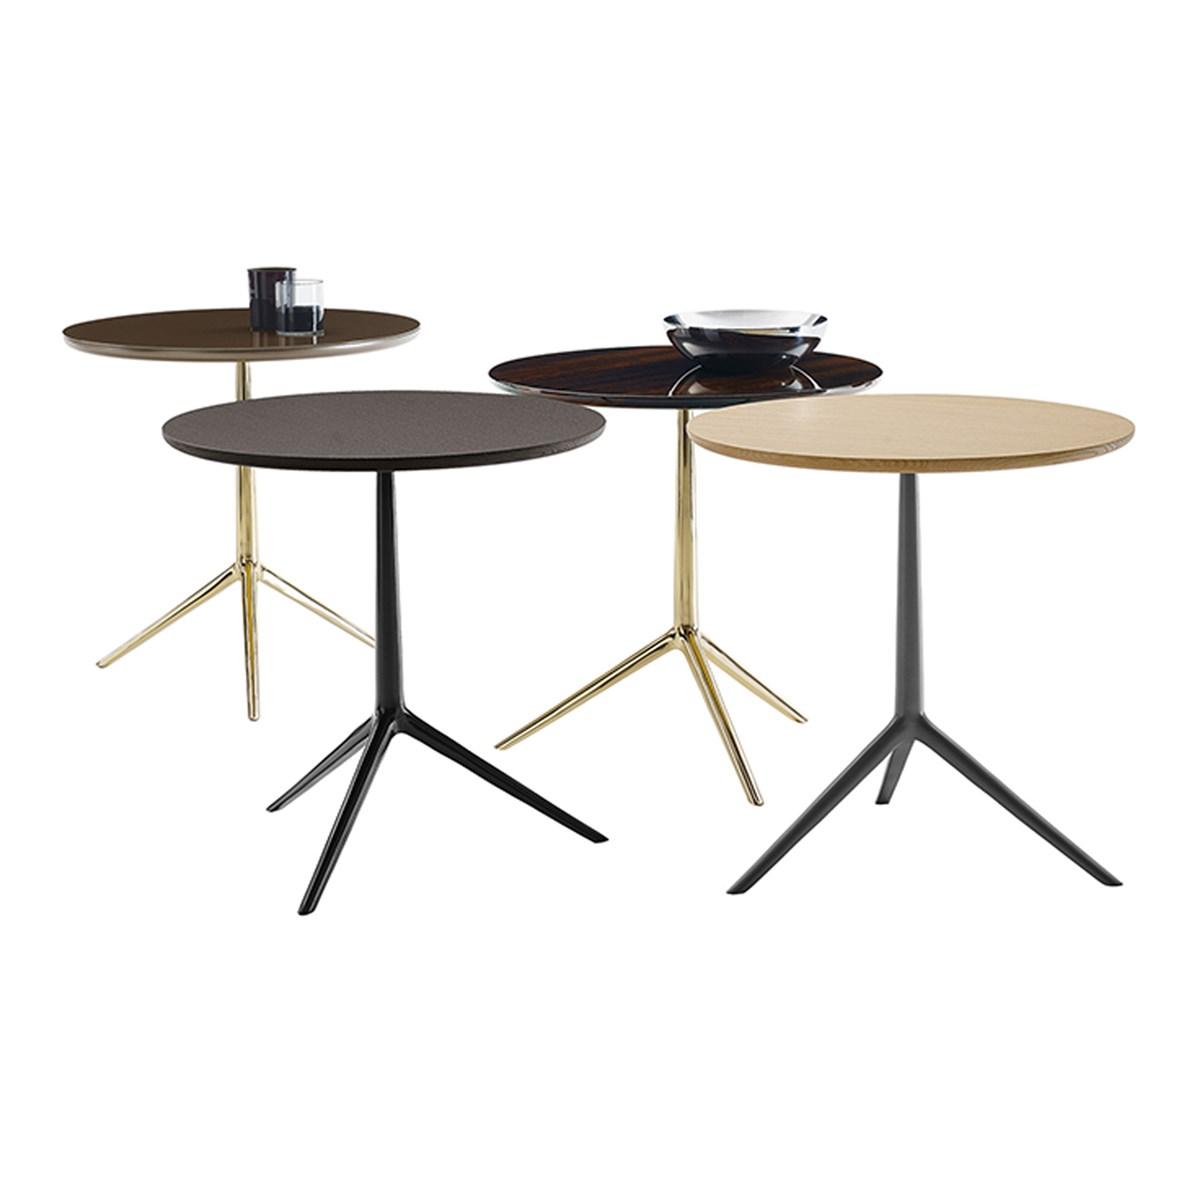 B&B-Italia-Antonio-Citterio-Cozy-Small-Table-Matisse-1